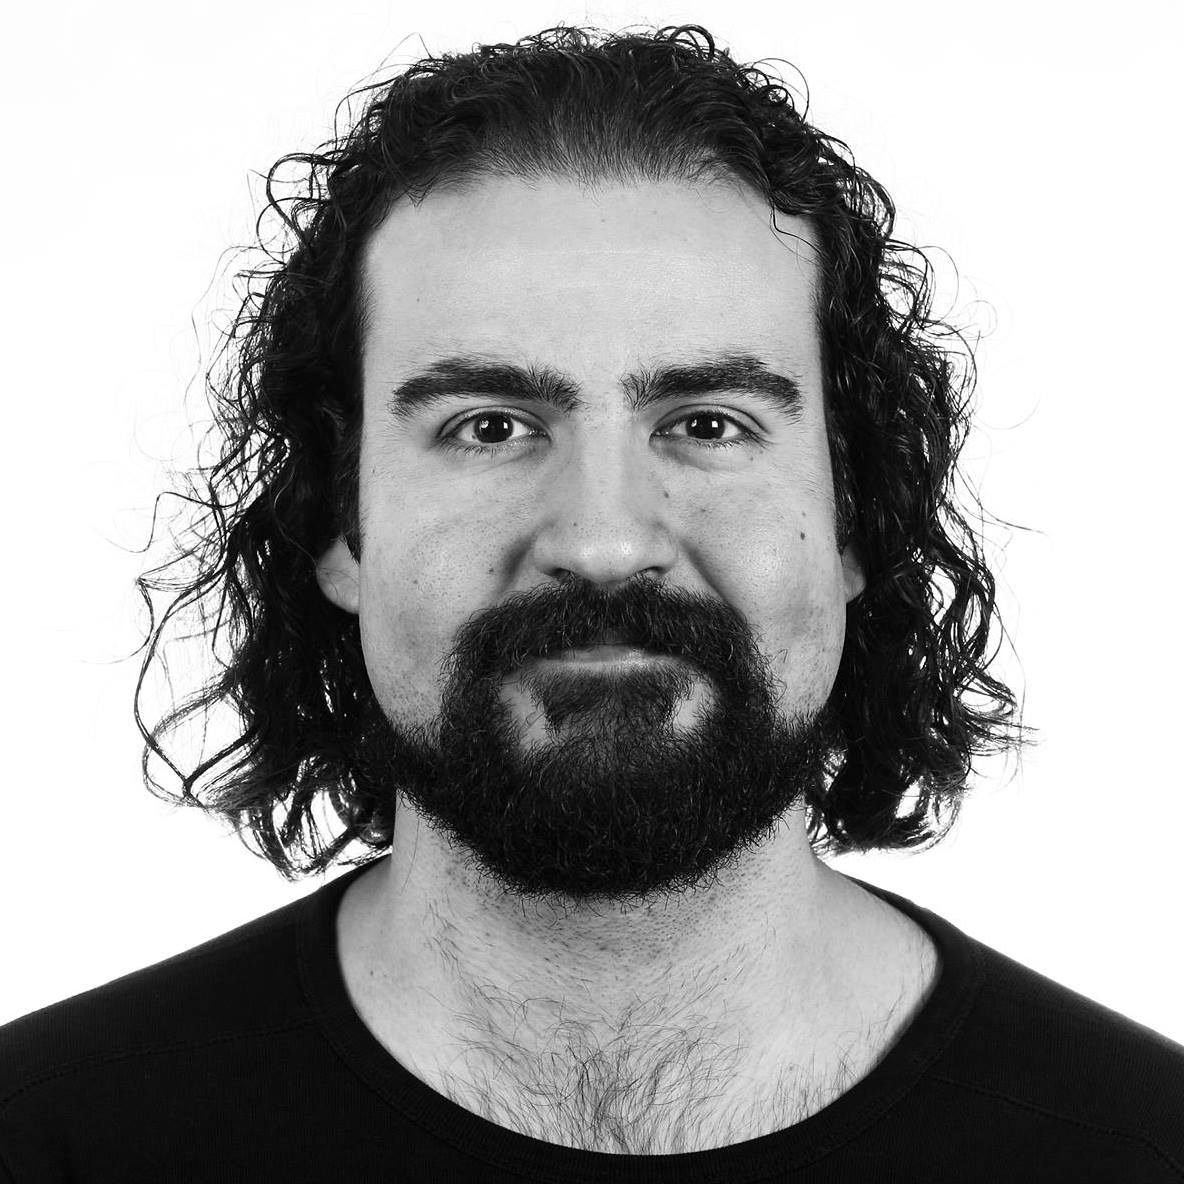 """José Manuel Teira: """"Mi formación vocal tiene un antes y un después de trabajar con Carmen Acosta"""" - Opiniones Ohlavoz"""